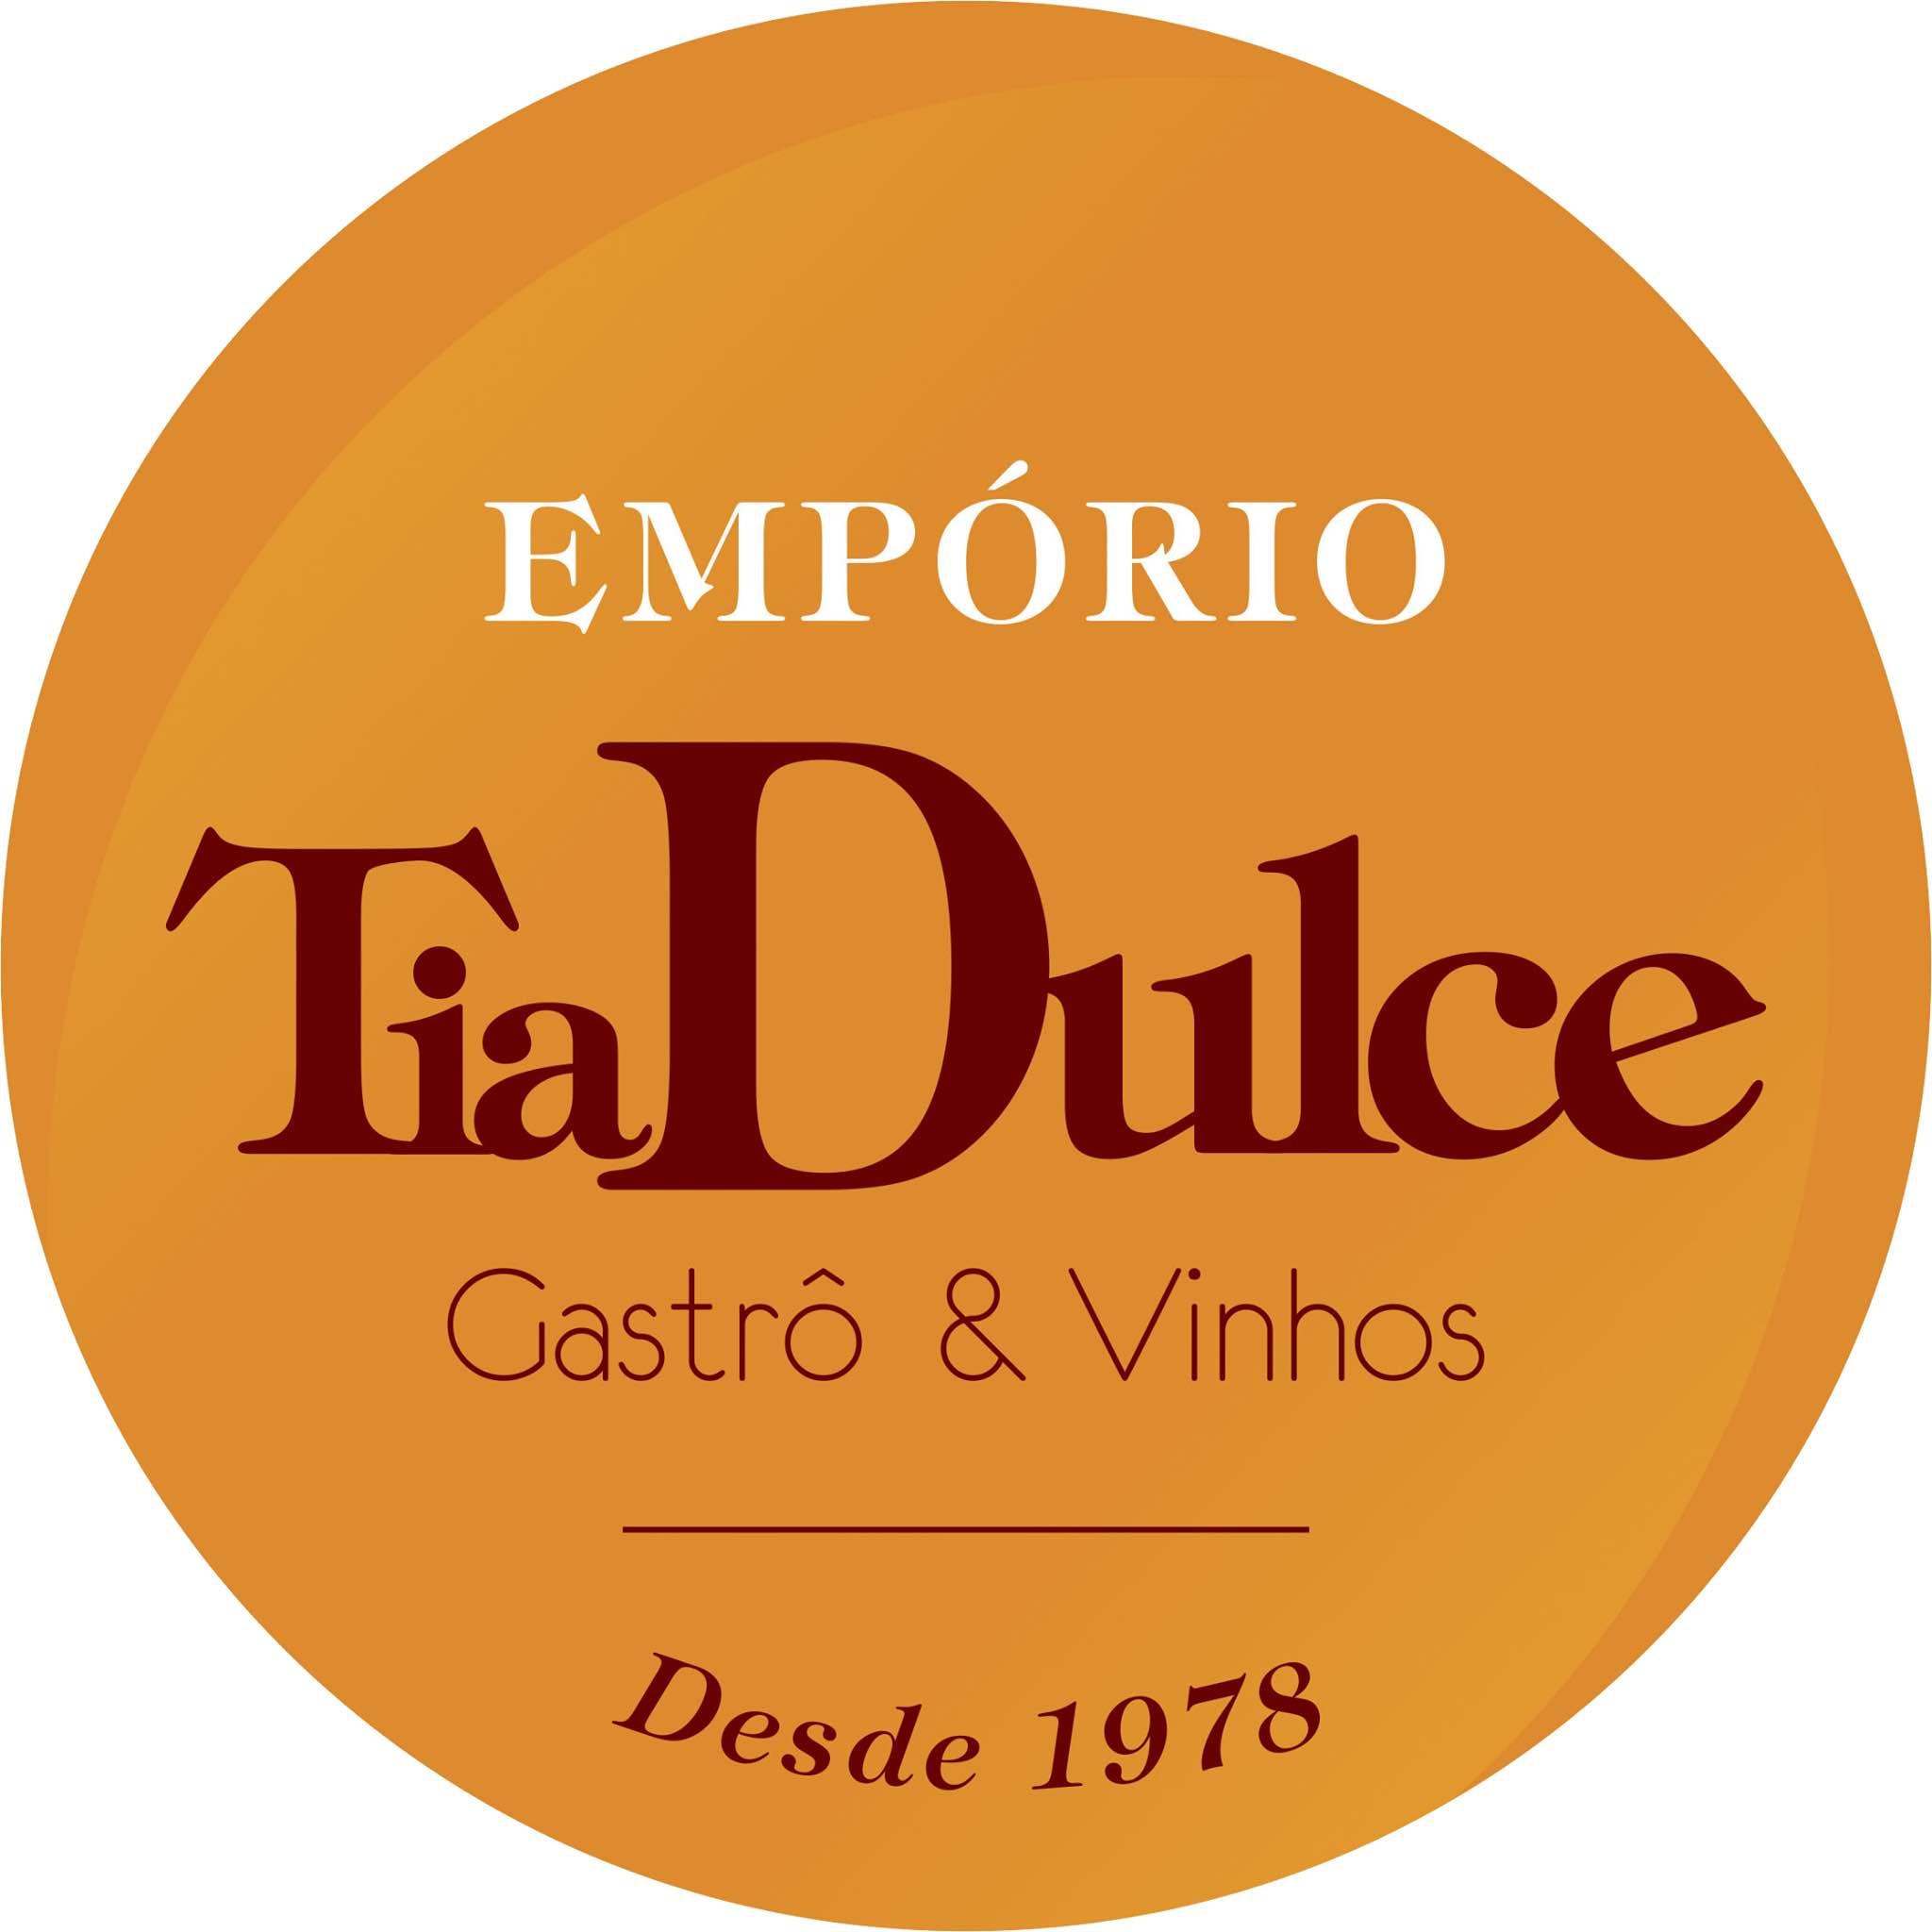 Empório TiaDulce